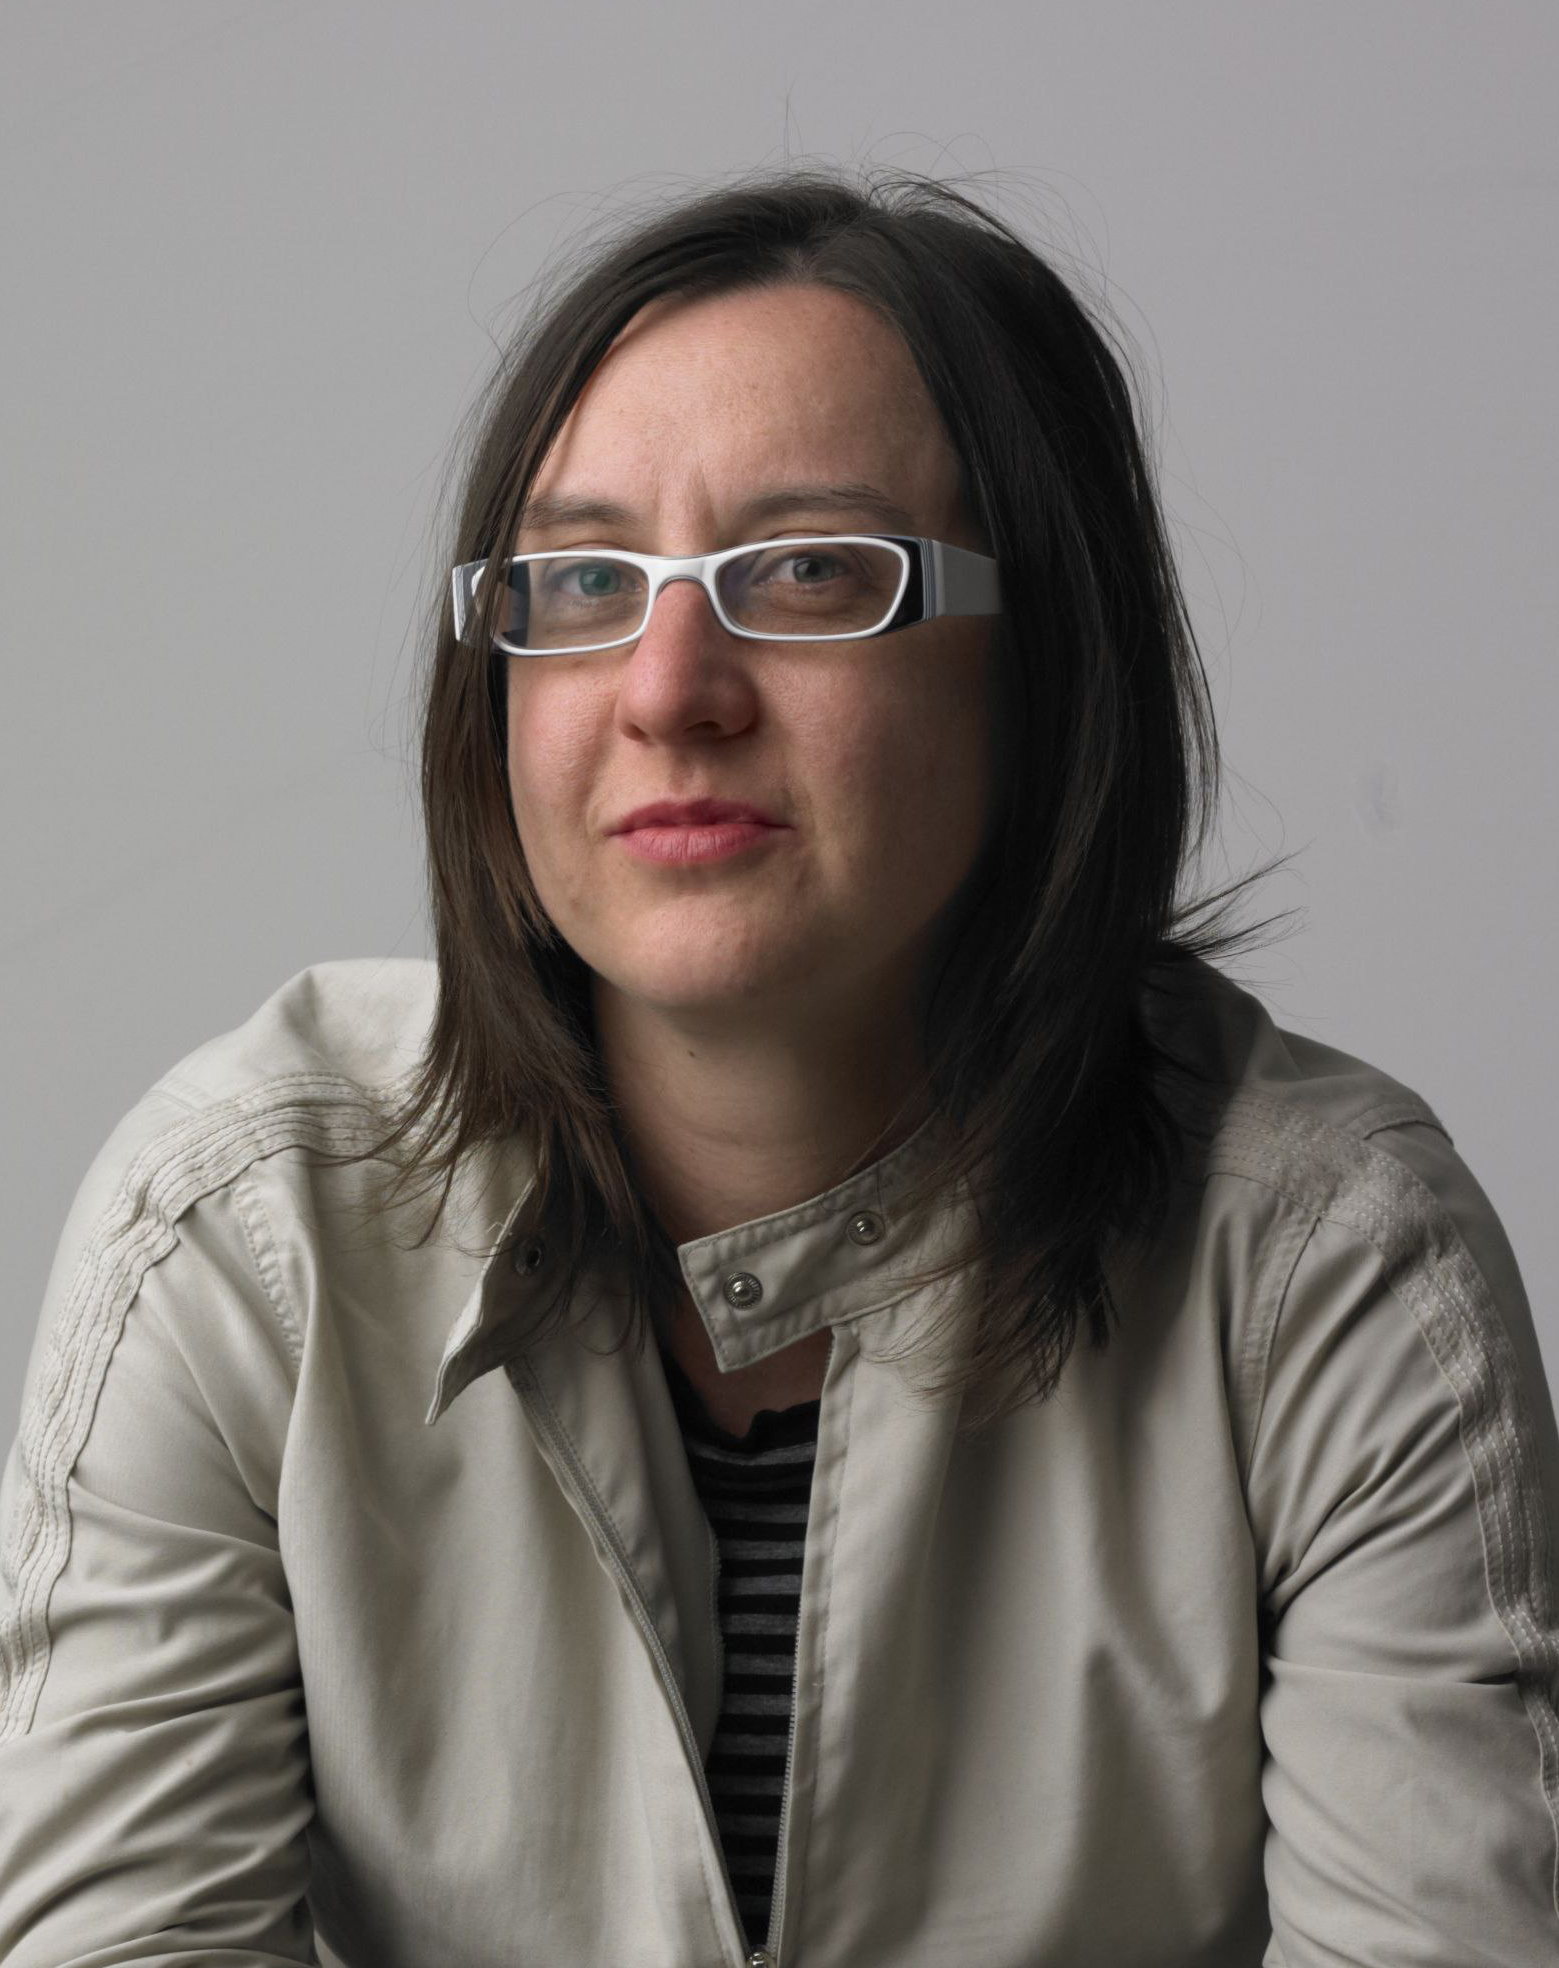 Photo of Cheryl Furjanic